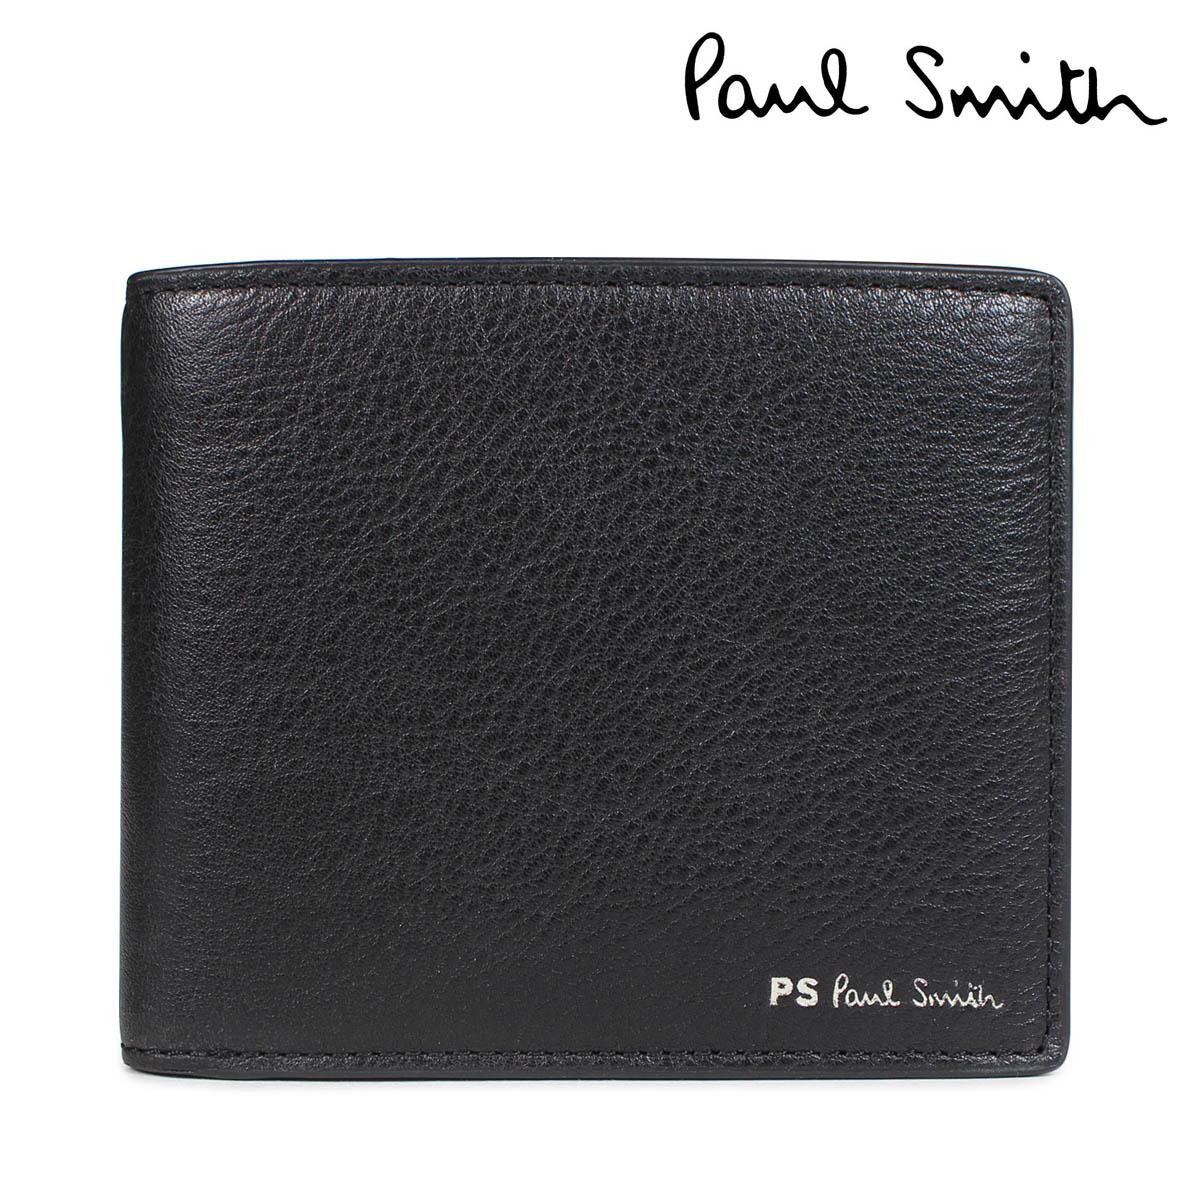 ポールスミス 財布 メンズ 二つ折り Paul Smith WALLET レザー ブラック M2A 5321 APSSTR [10/11 新入荷]